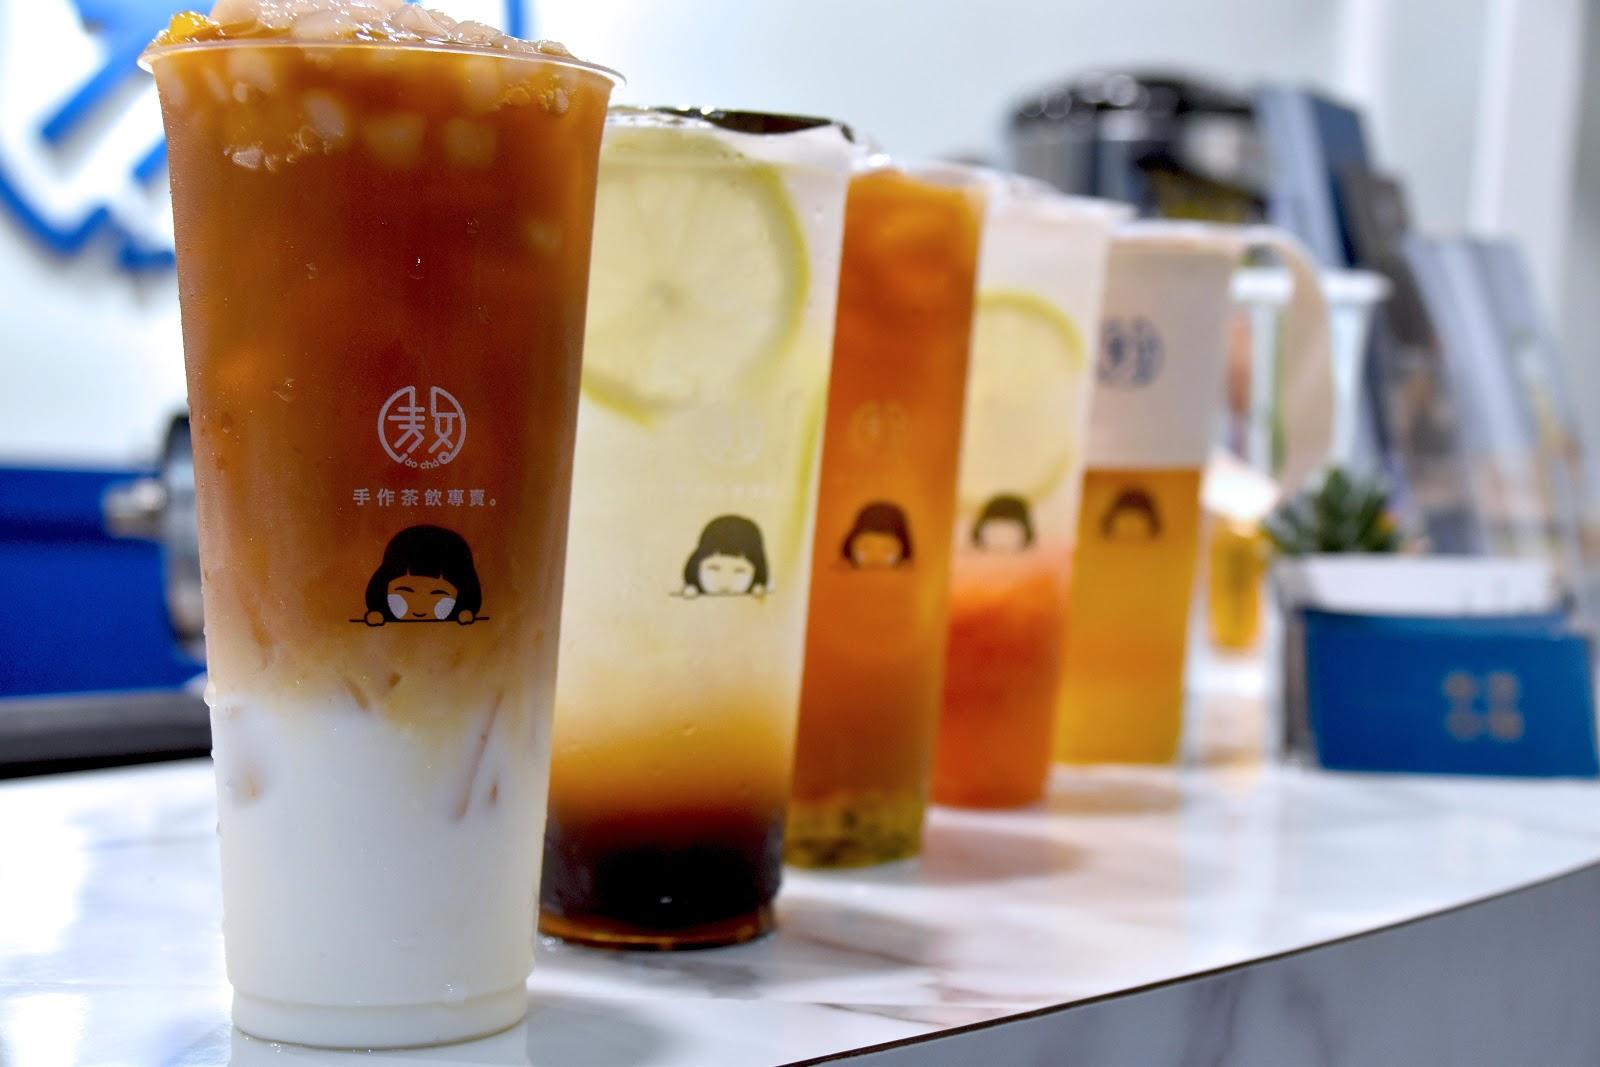 【台南|安平】敖茶手作茶飲專賣,傳統烏梅汁蹦出新滋味!台南安平酸甜消暑新茶飲選擇!🍃